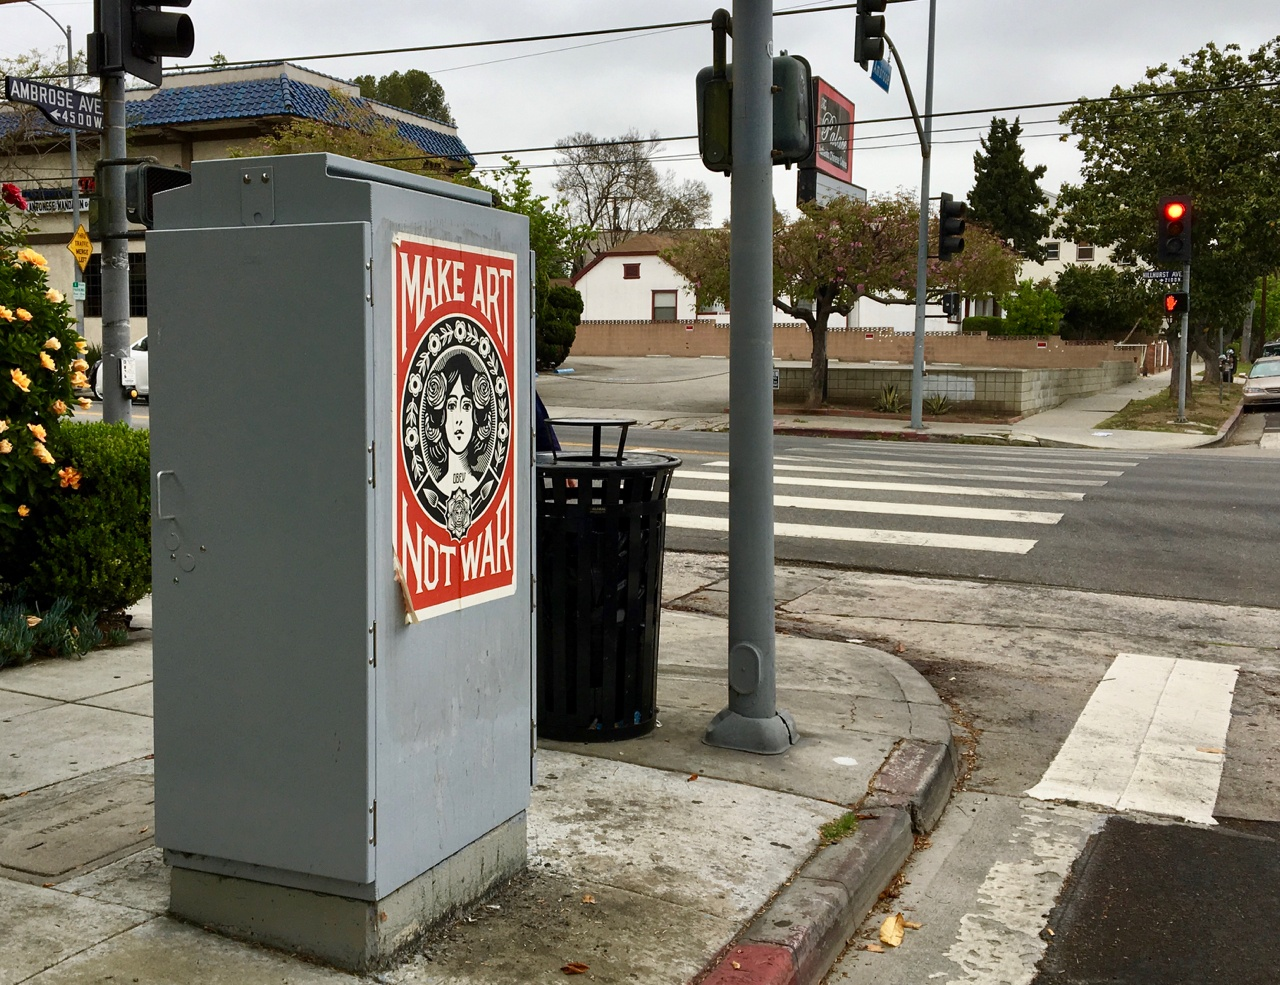 A Street Art Classic in Los Feliz - Make Art Not War